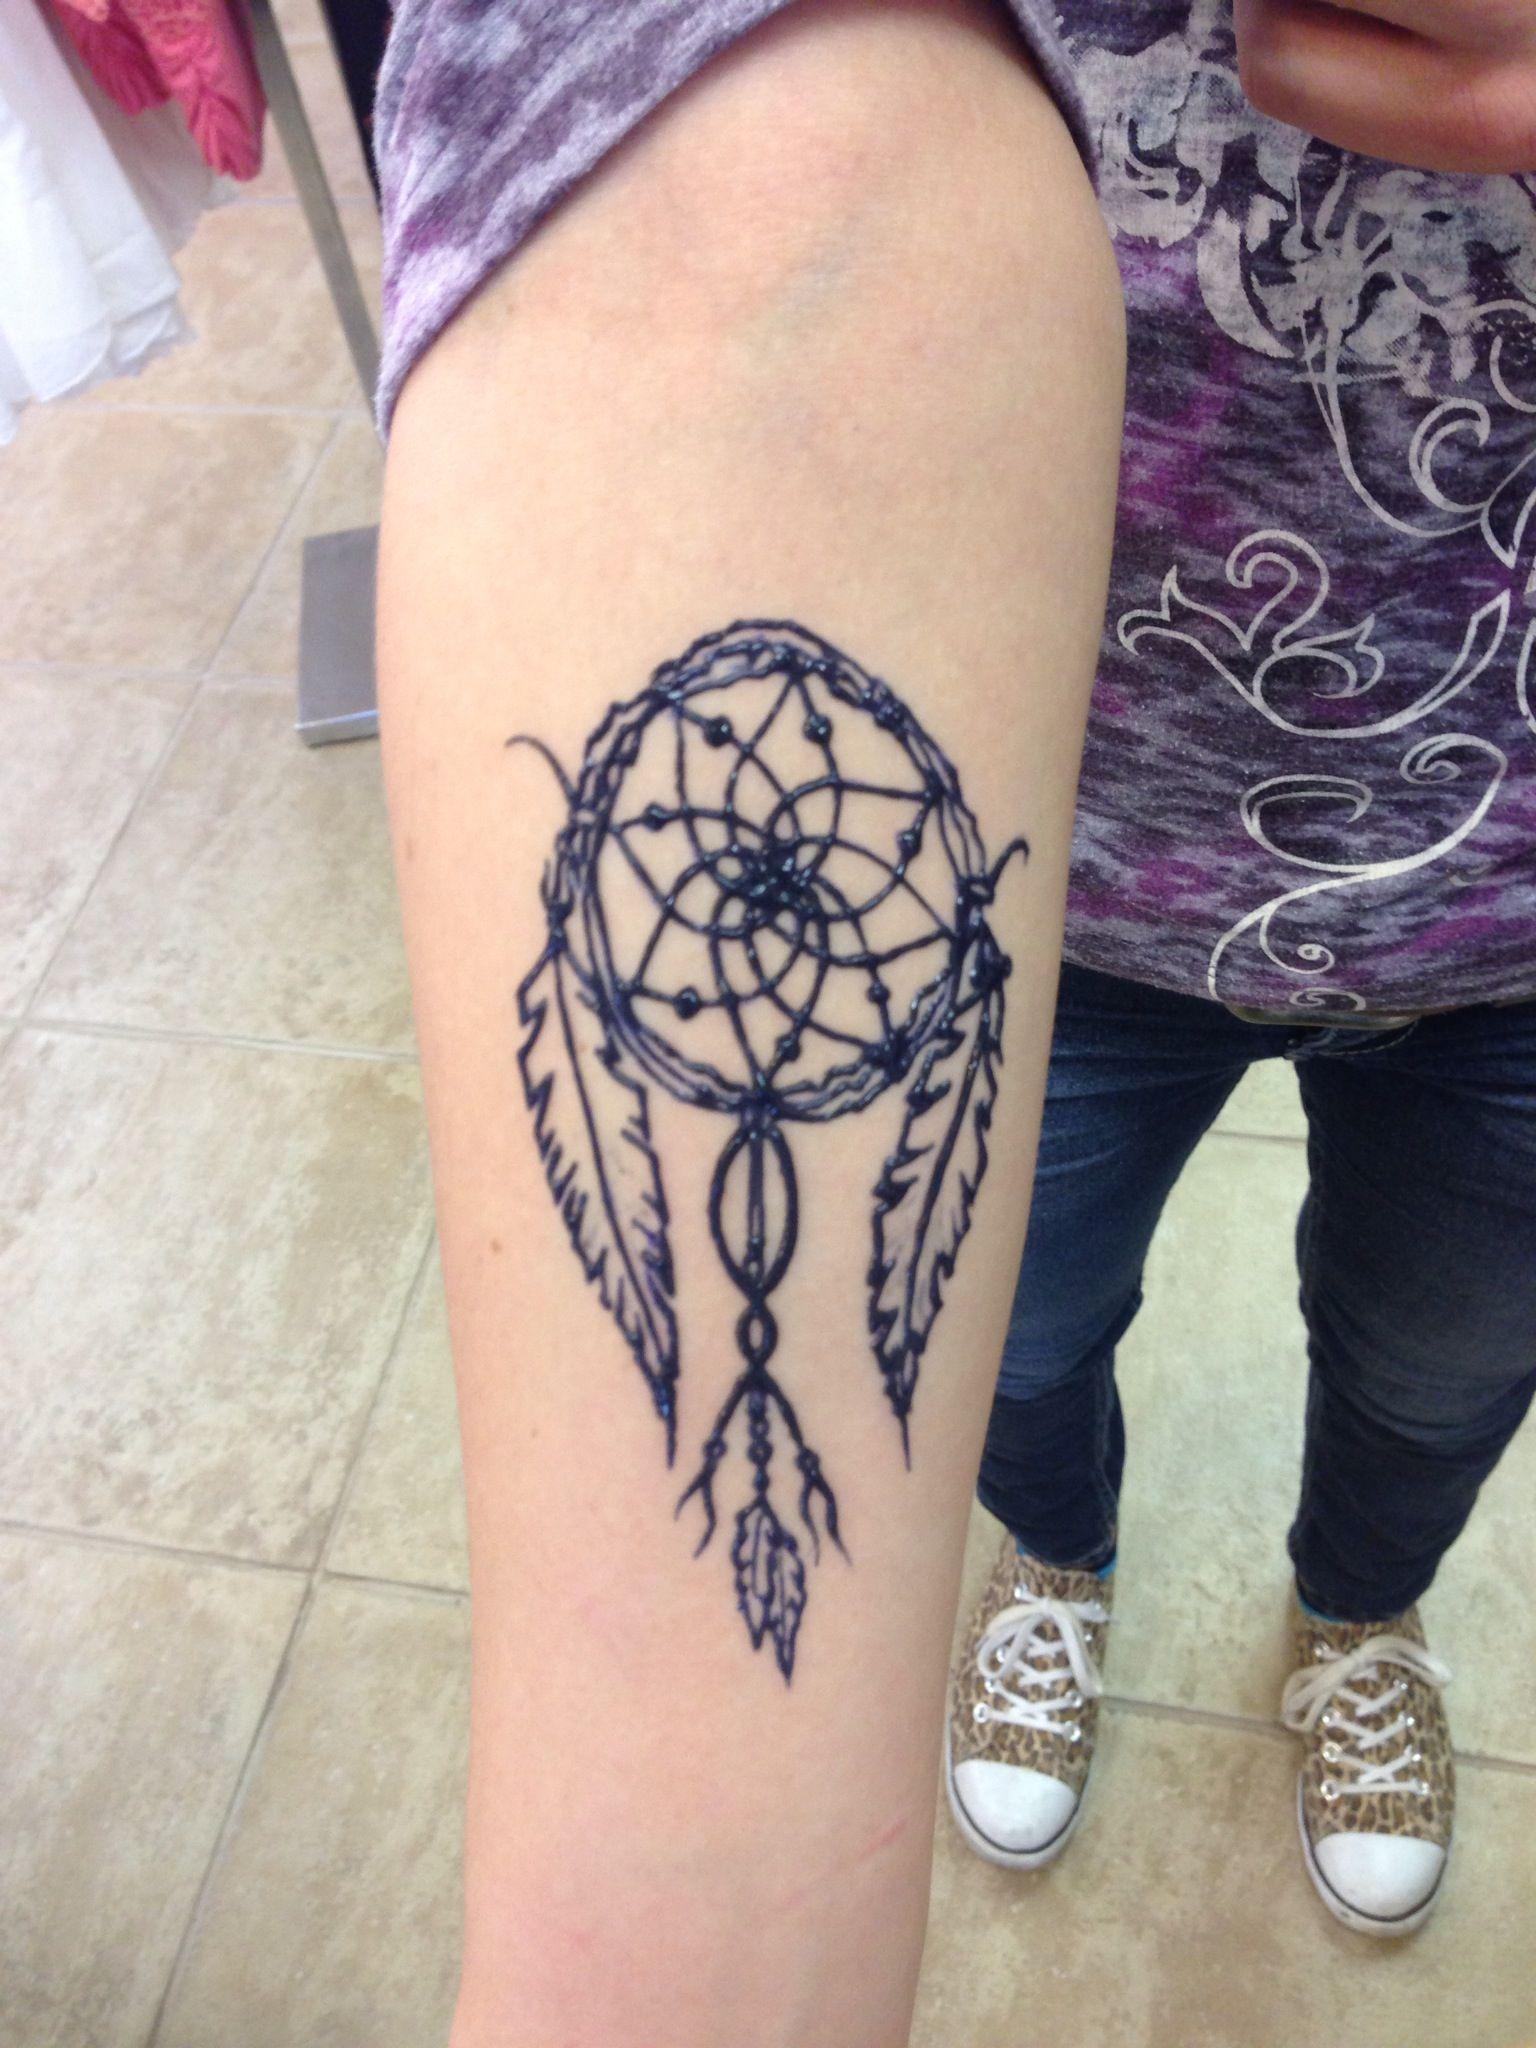 Dream Catcher Henna Tattoo Designs: Another Dreamcatcher Henna Tattoo